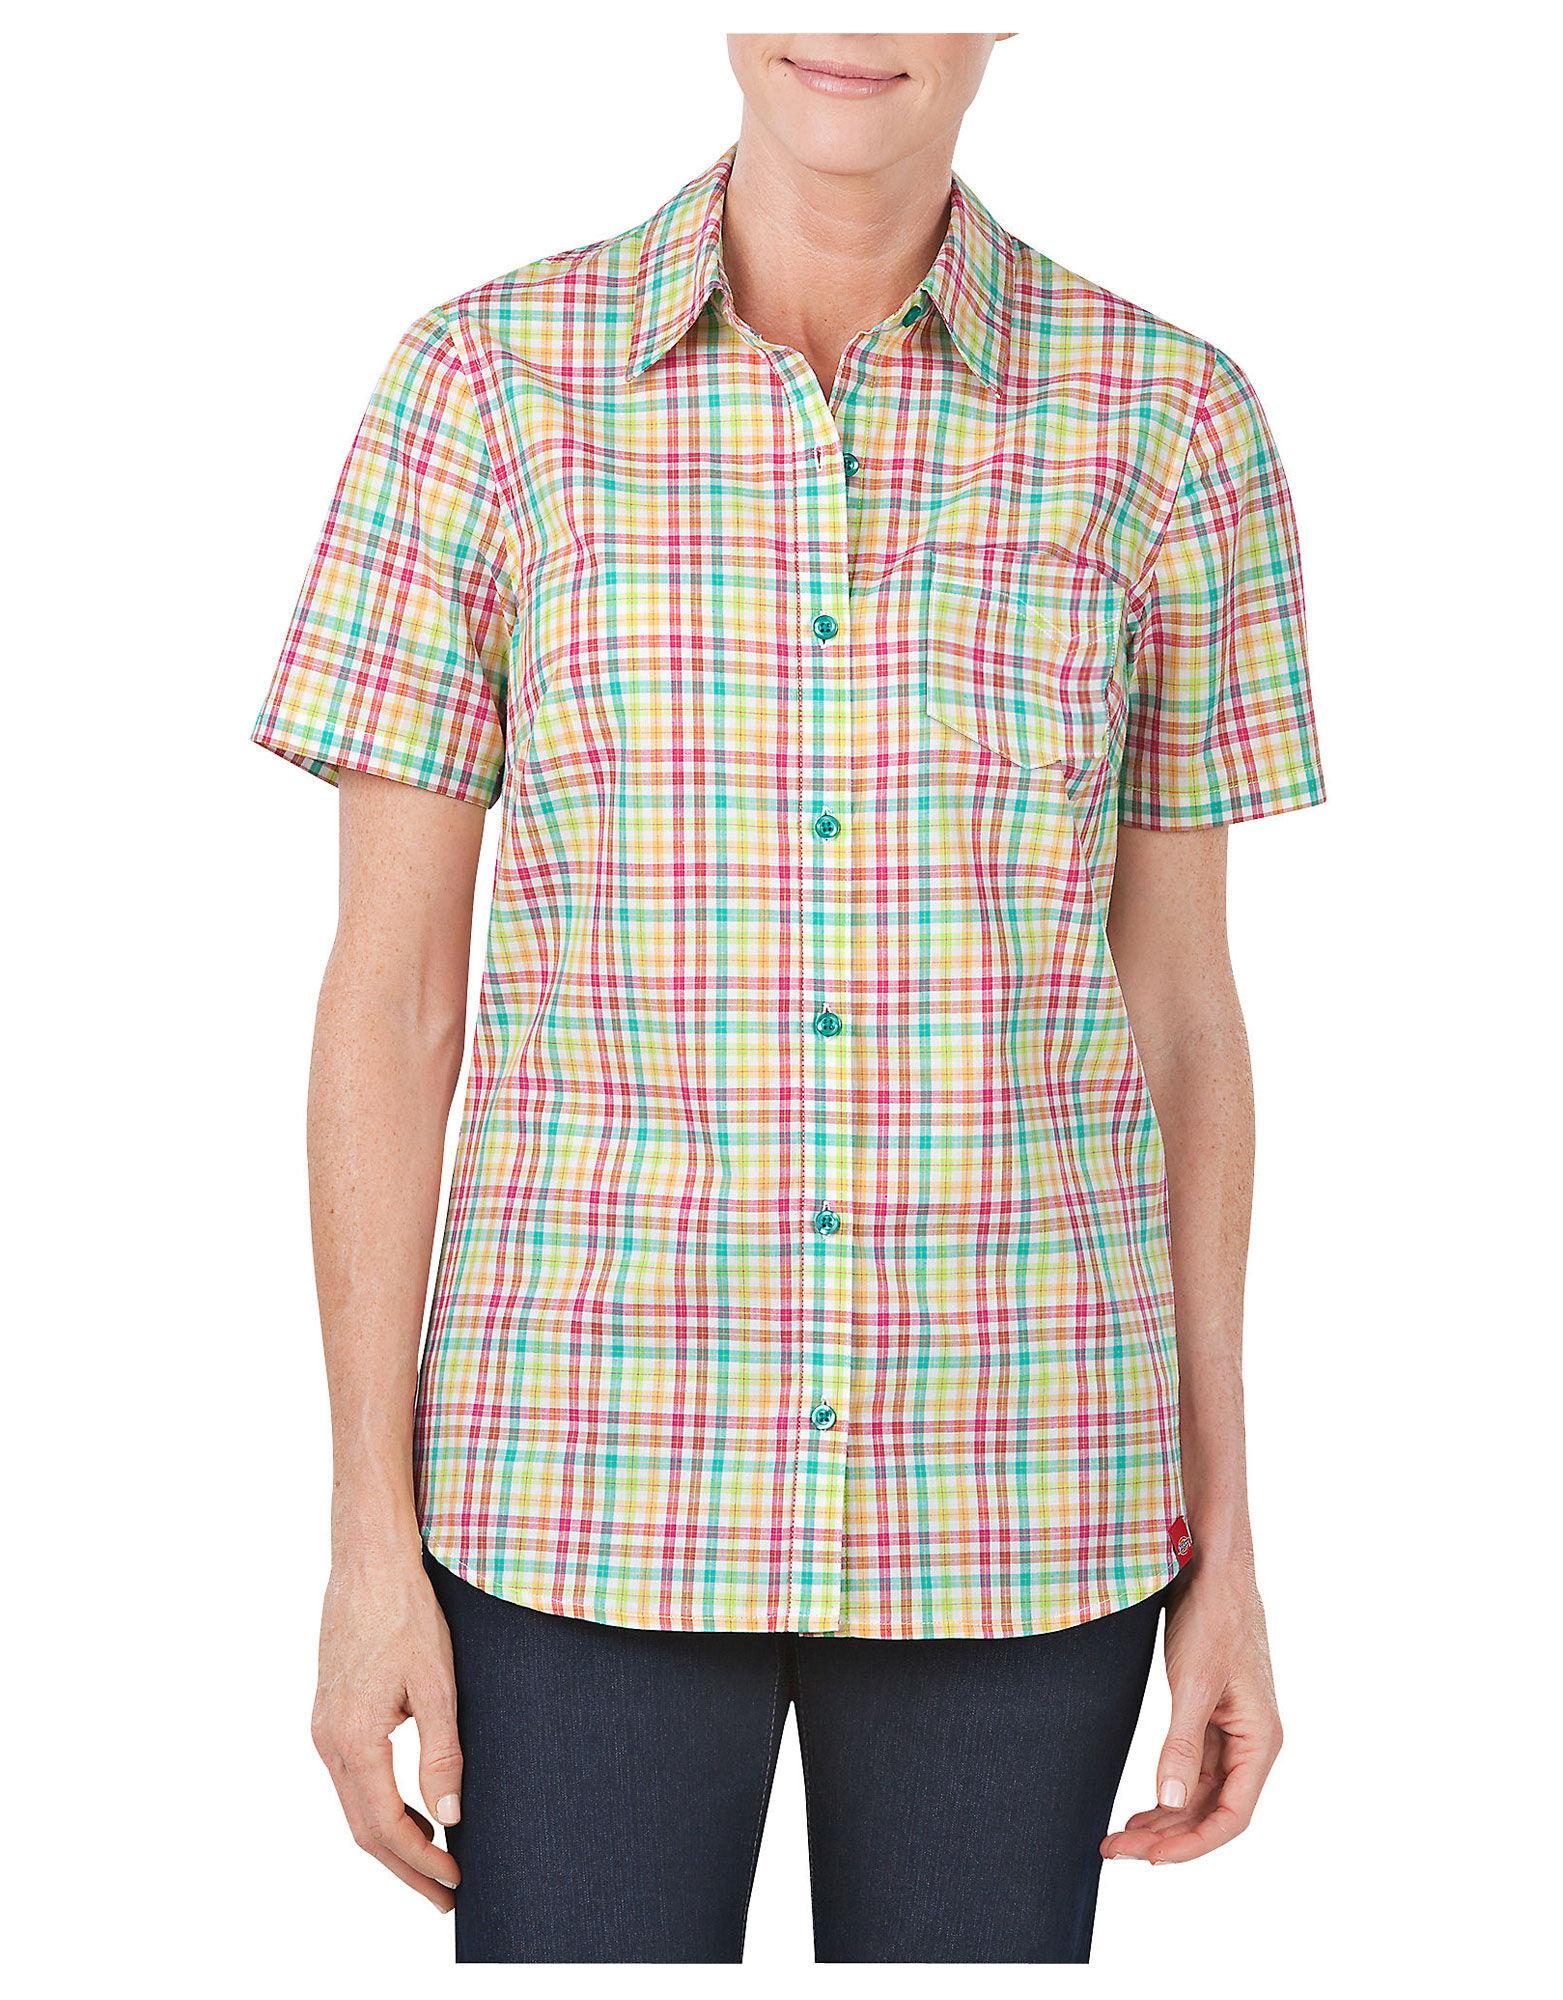 Women 39 s short sleeve plaid shirt womens tops dickies for Dickies short sleeve plaid shirt